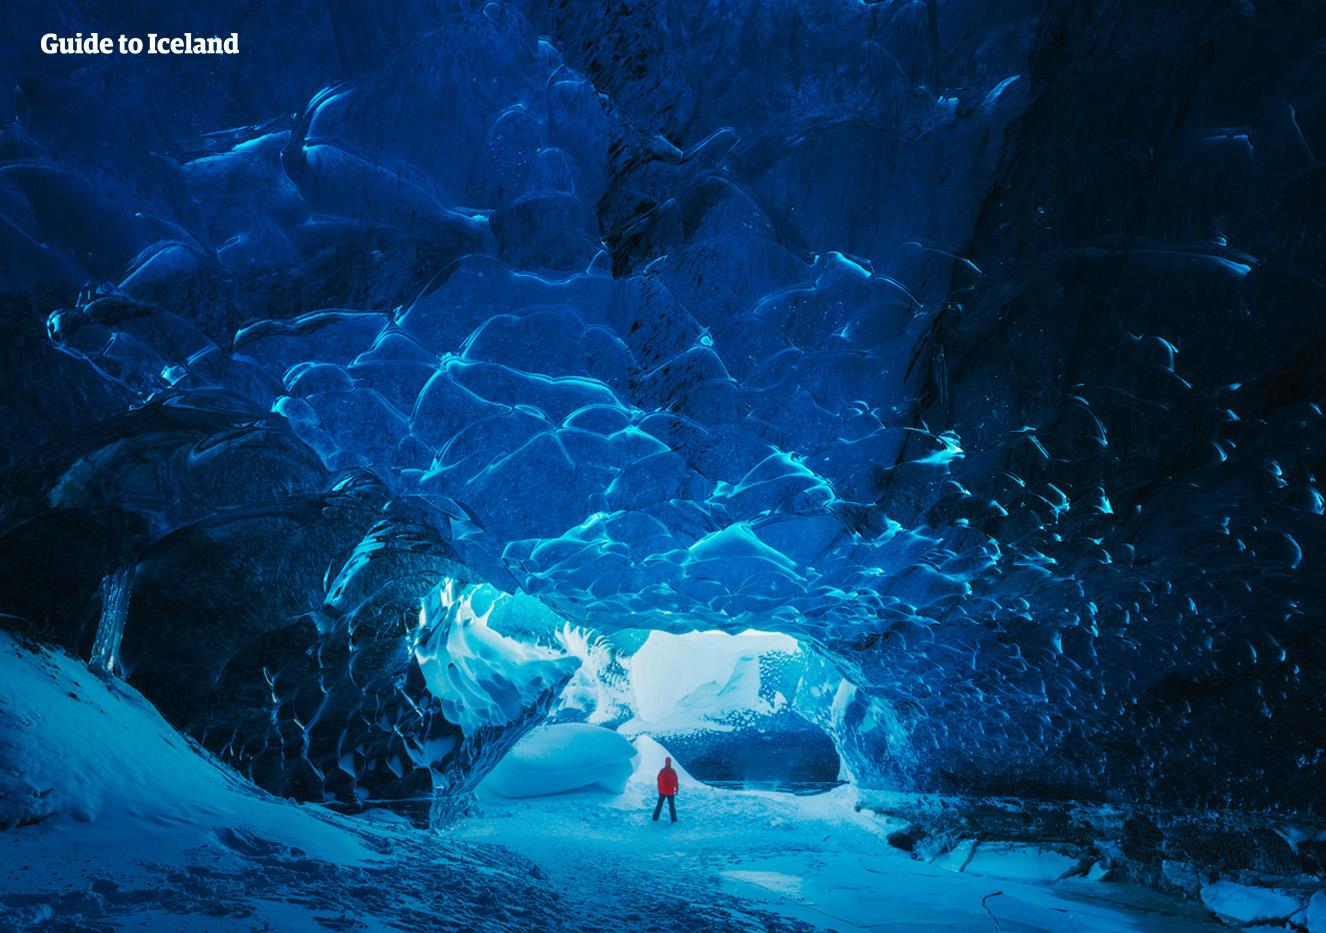 在欧洲最大的冰川冰岛瓦特纳冰原上你可以找到冬季才会出现的蓝冰洞